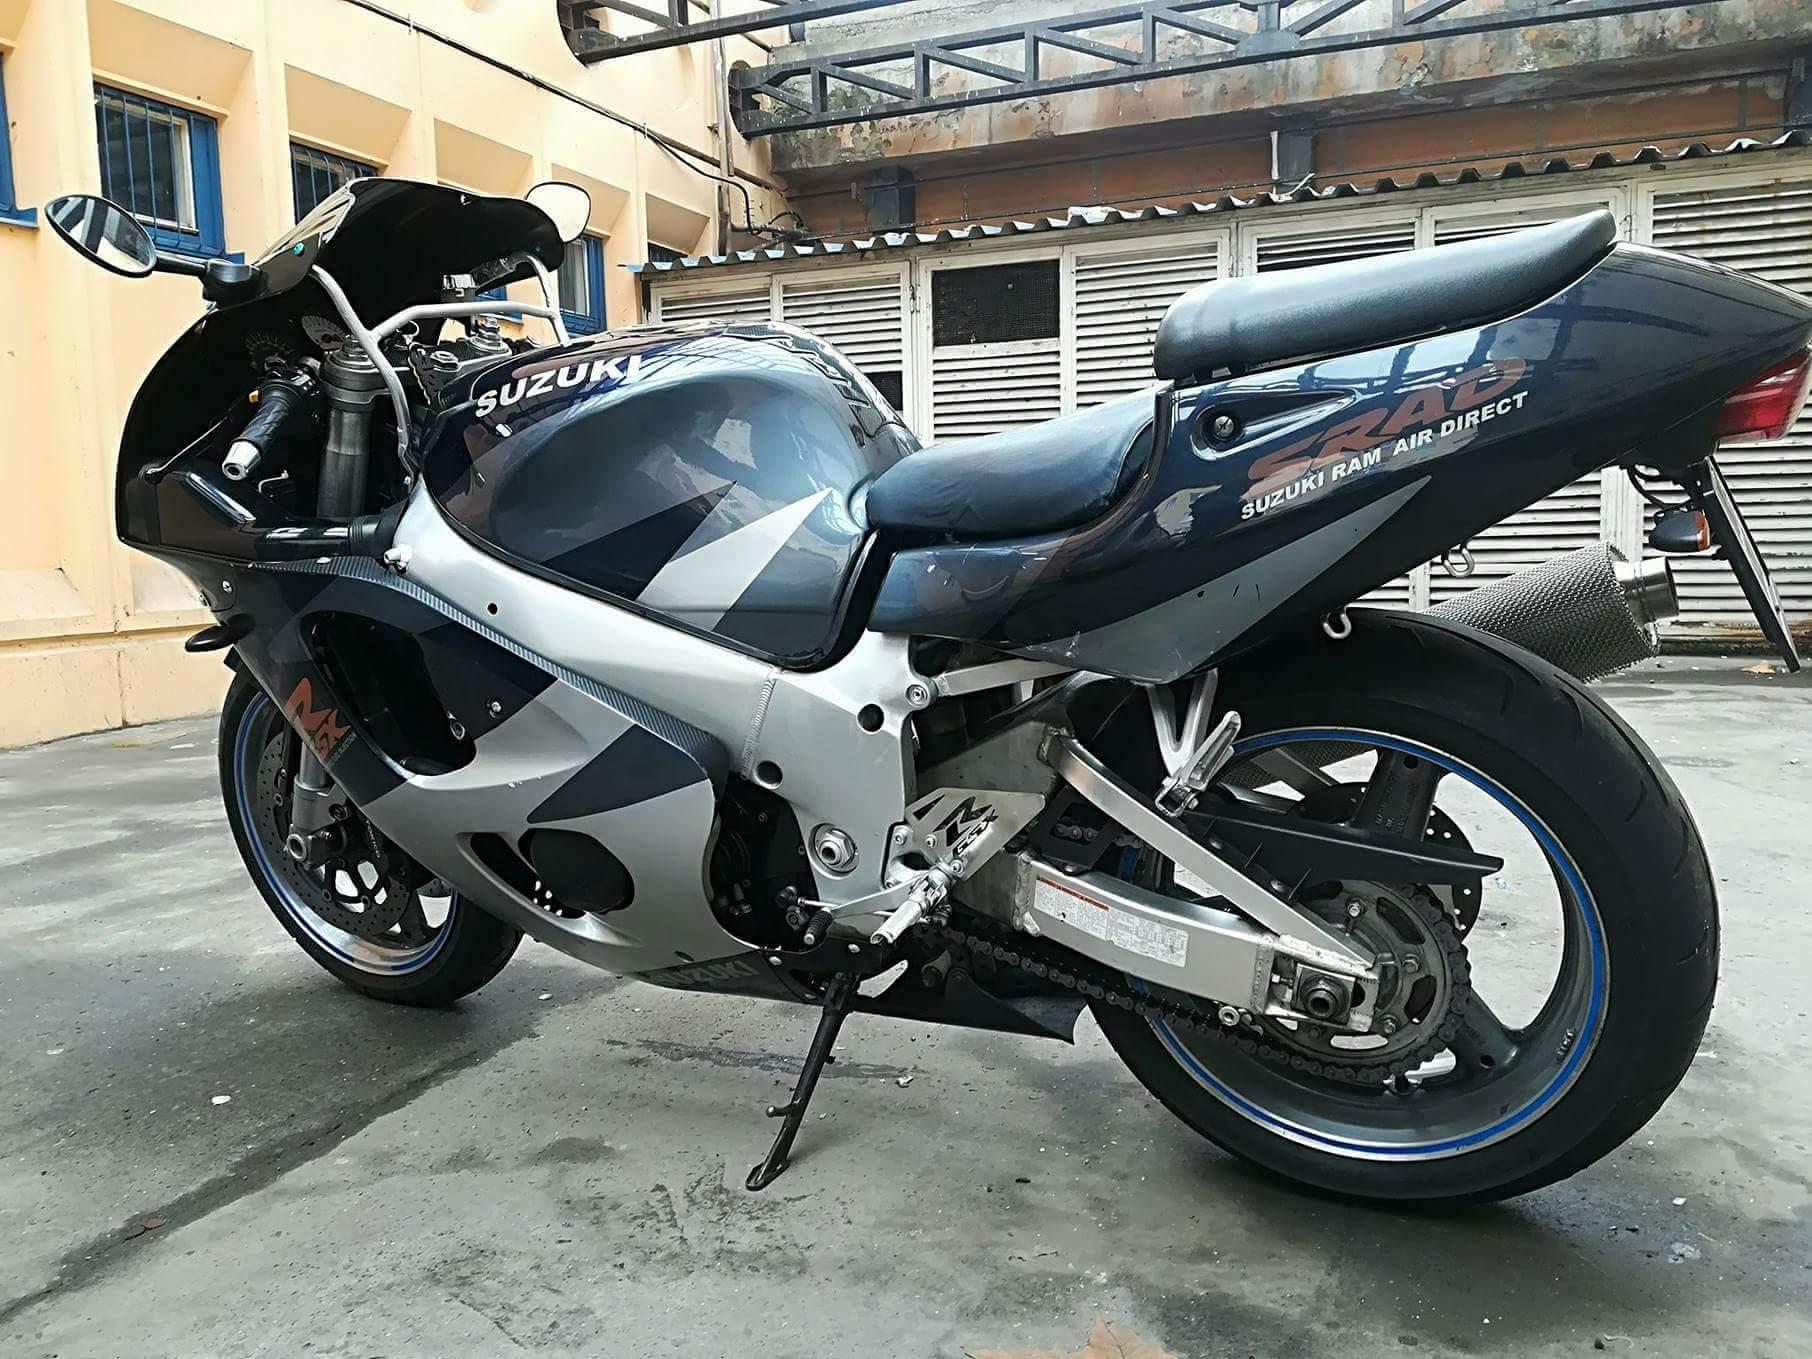 SUZUKI GSXR 750, 3. kép